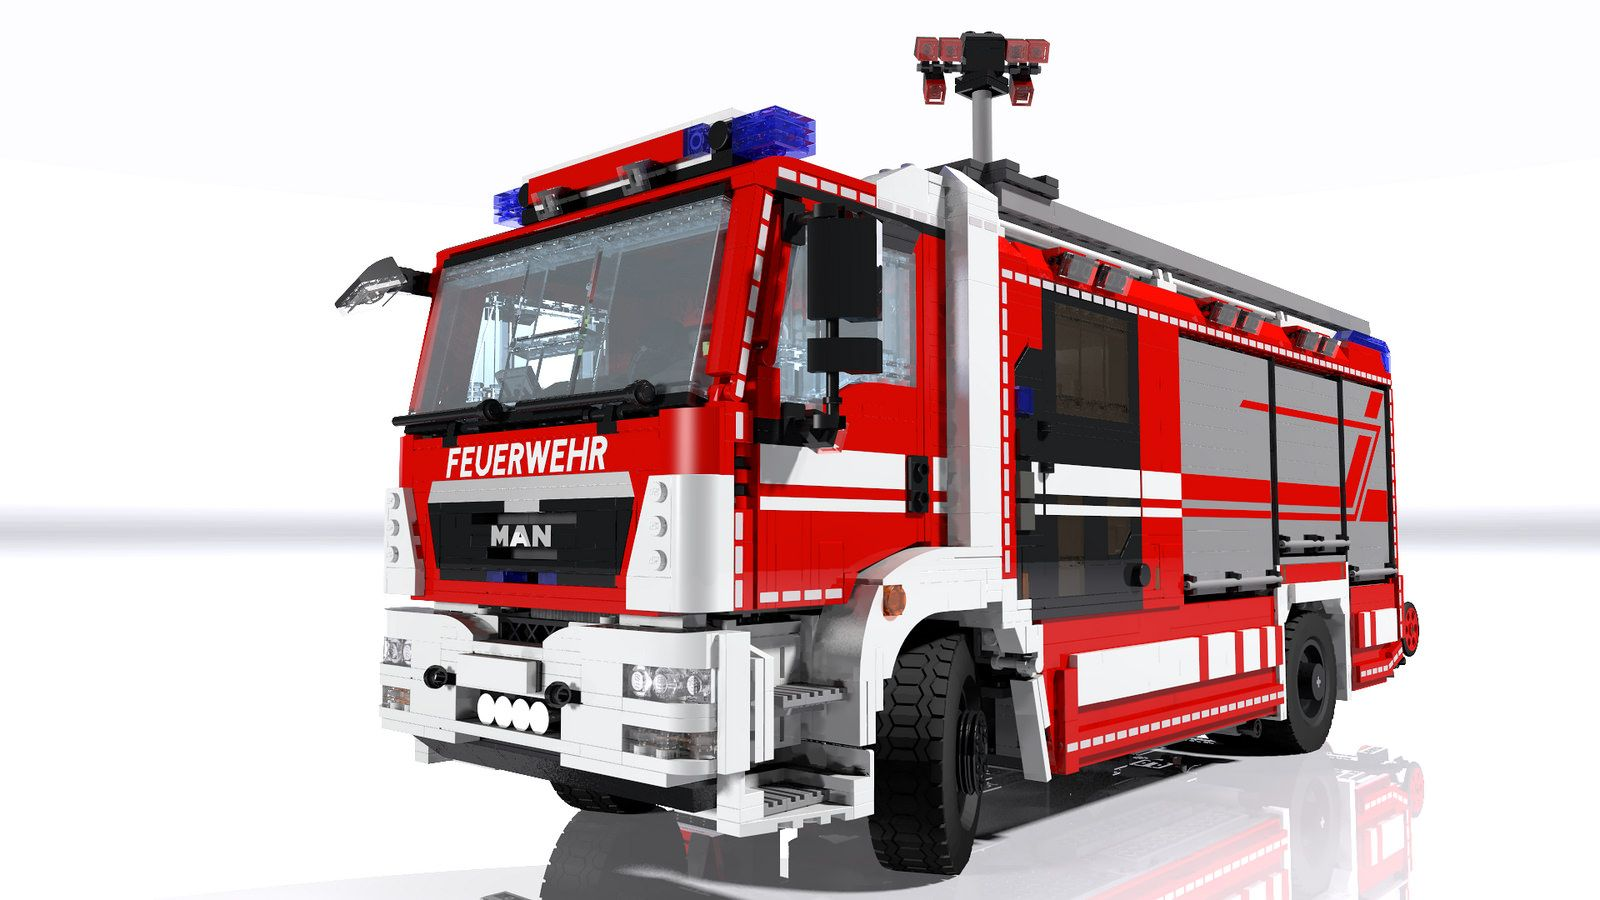 Man Rosenbauer Hlf 20 Rescue Pumper Up Close Lego Feuerwehr